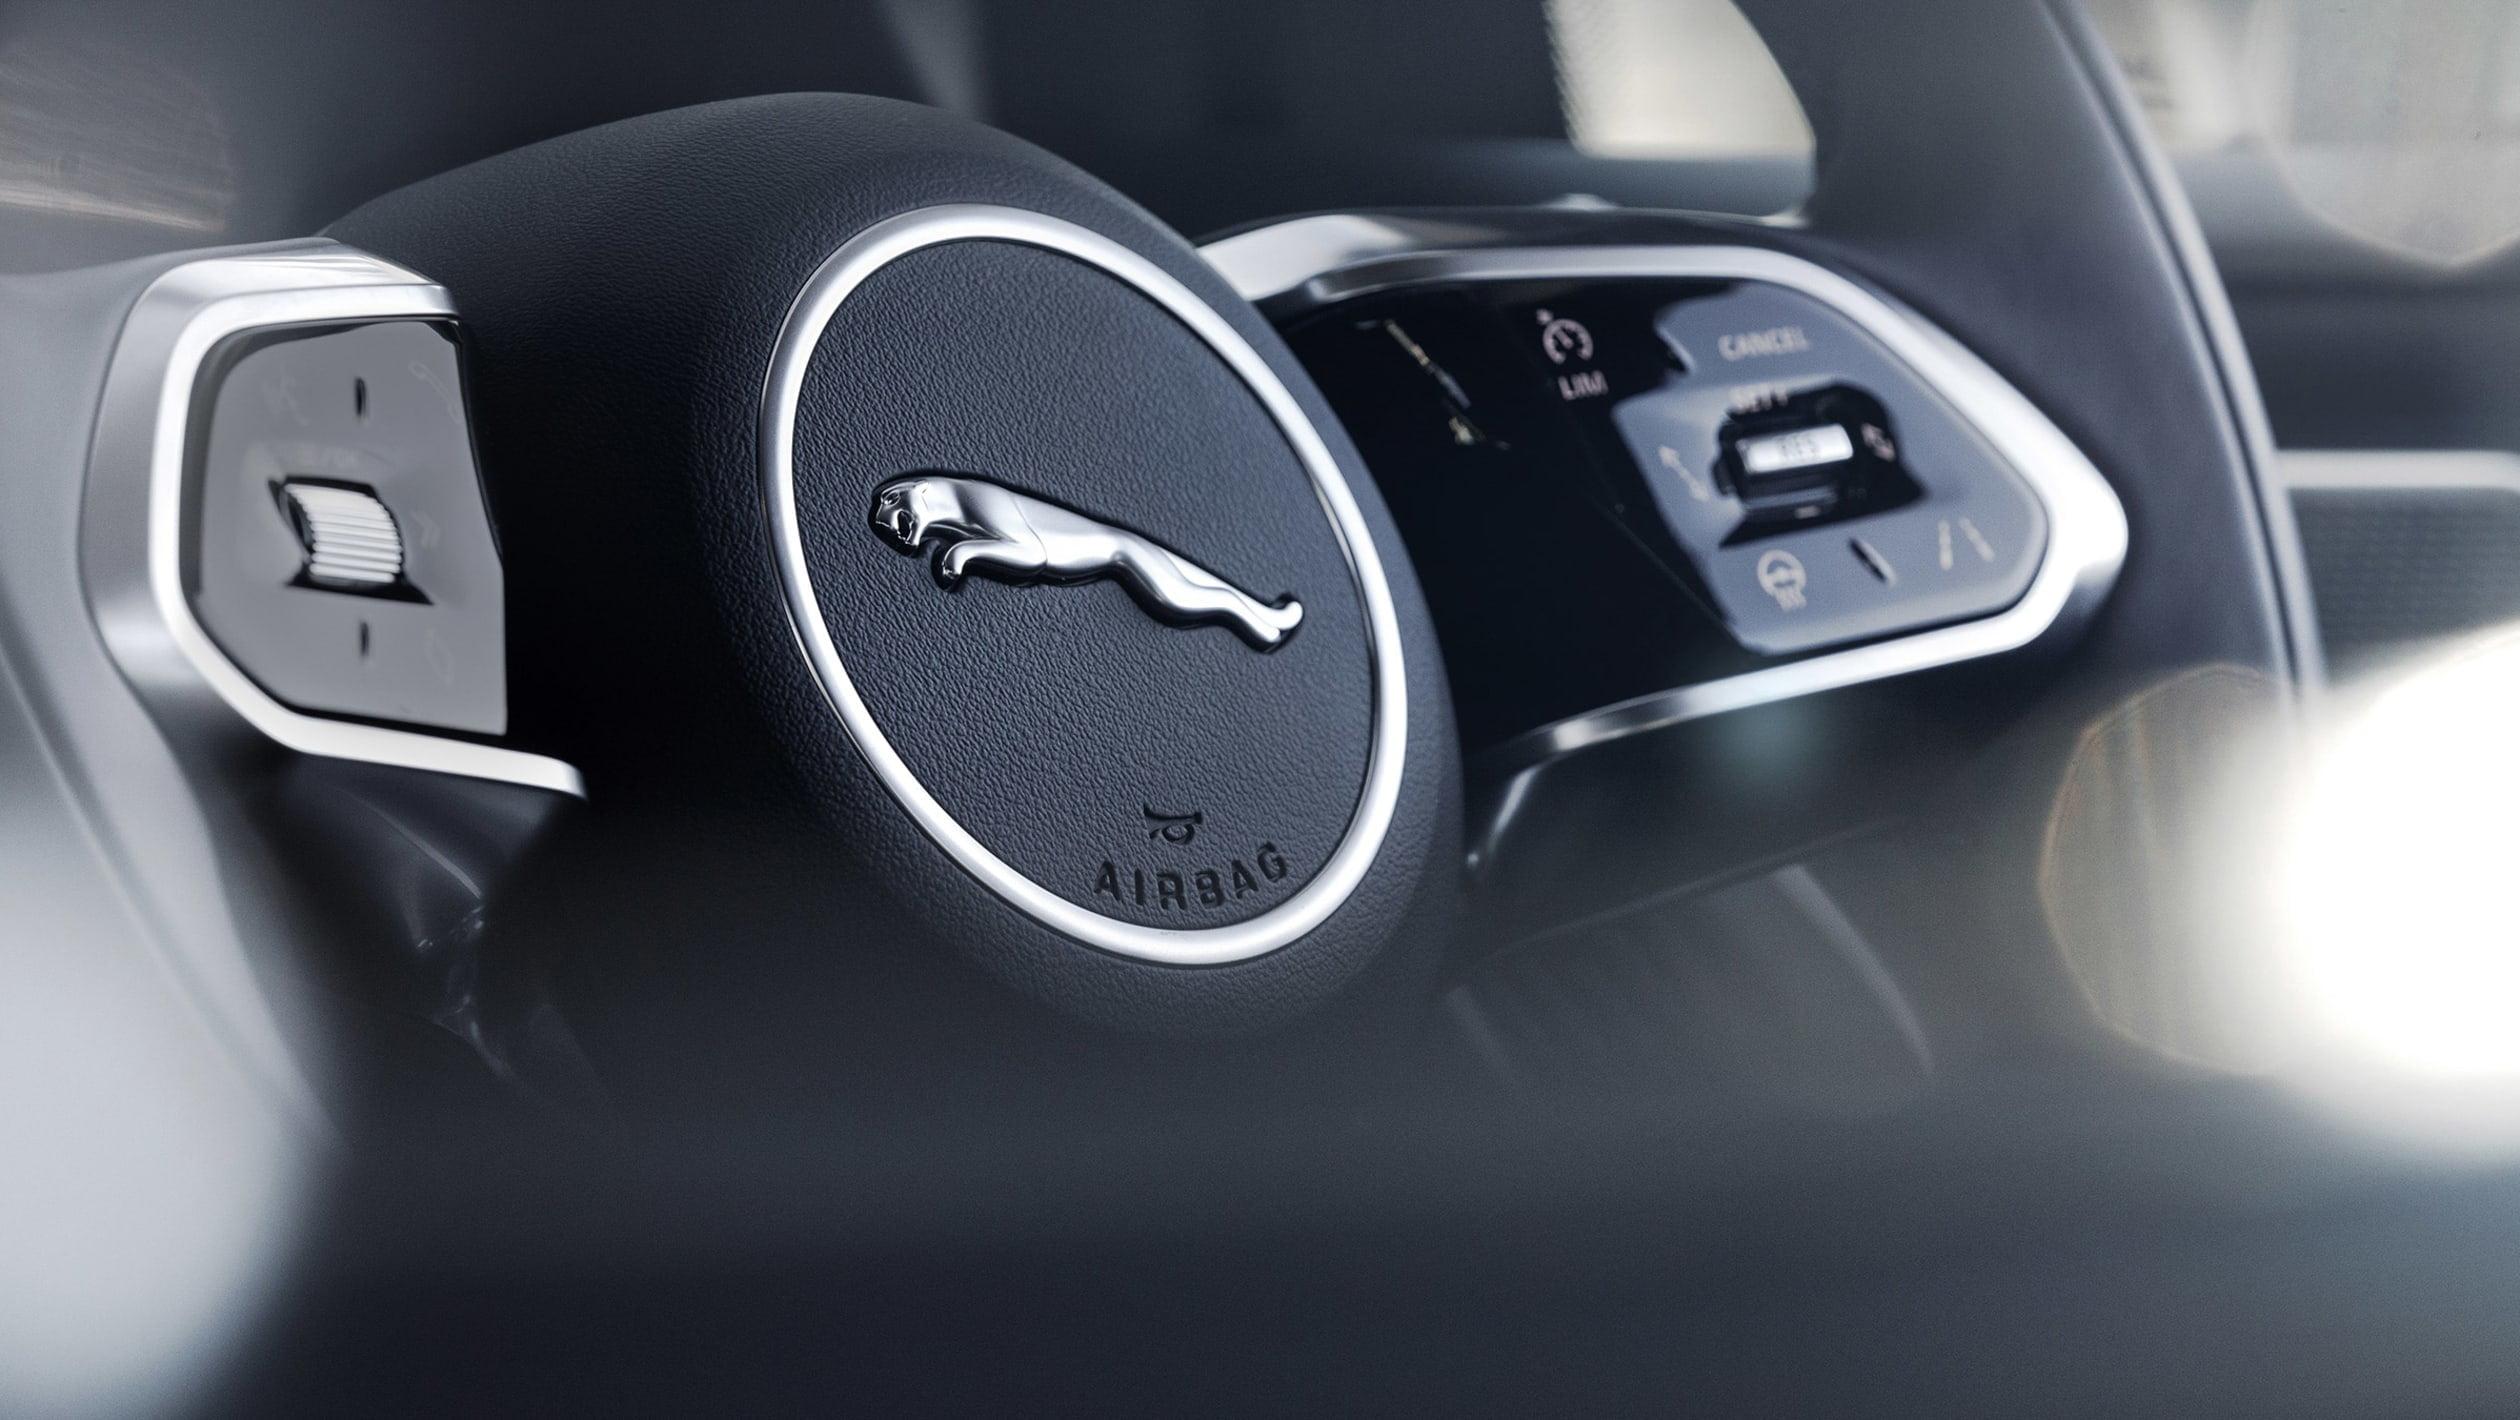 2020 jaguar I-Pace direksiyonu https://huglero.com